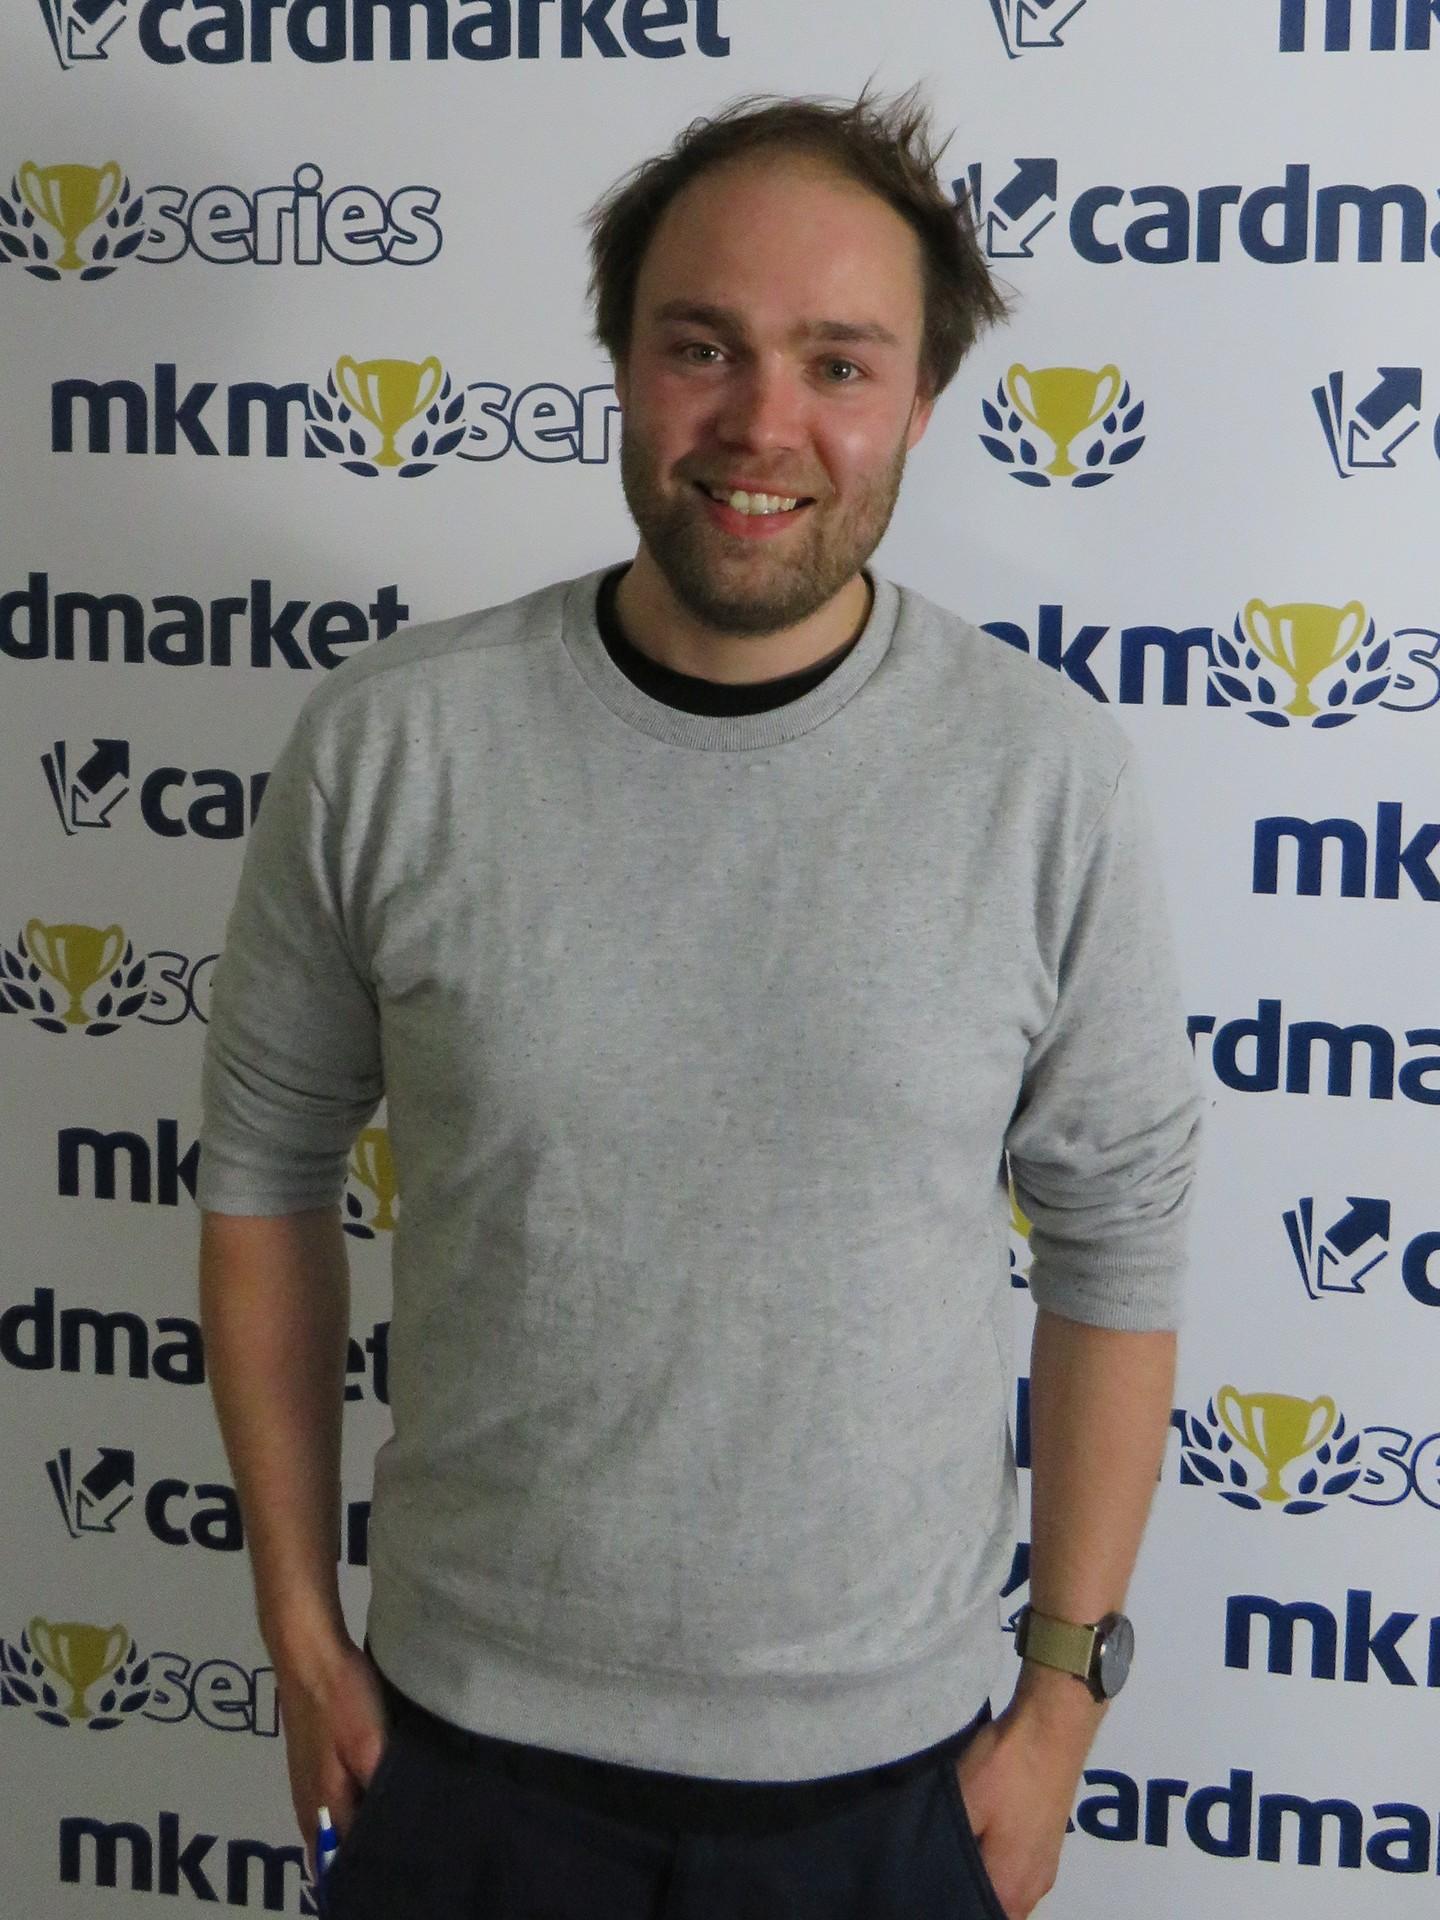 Christian Feldhusen